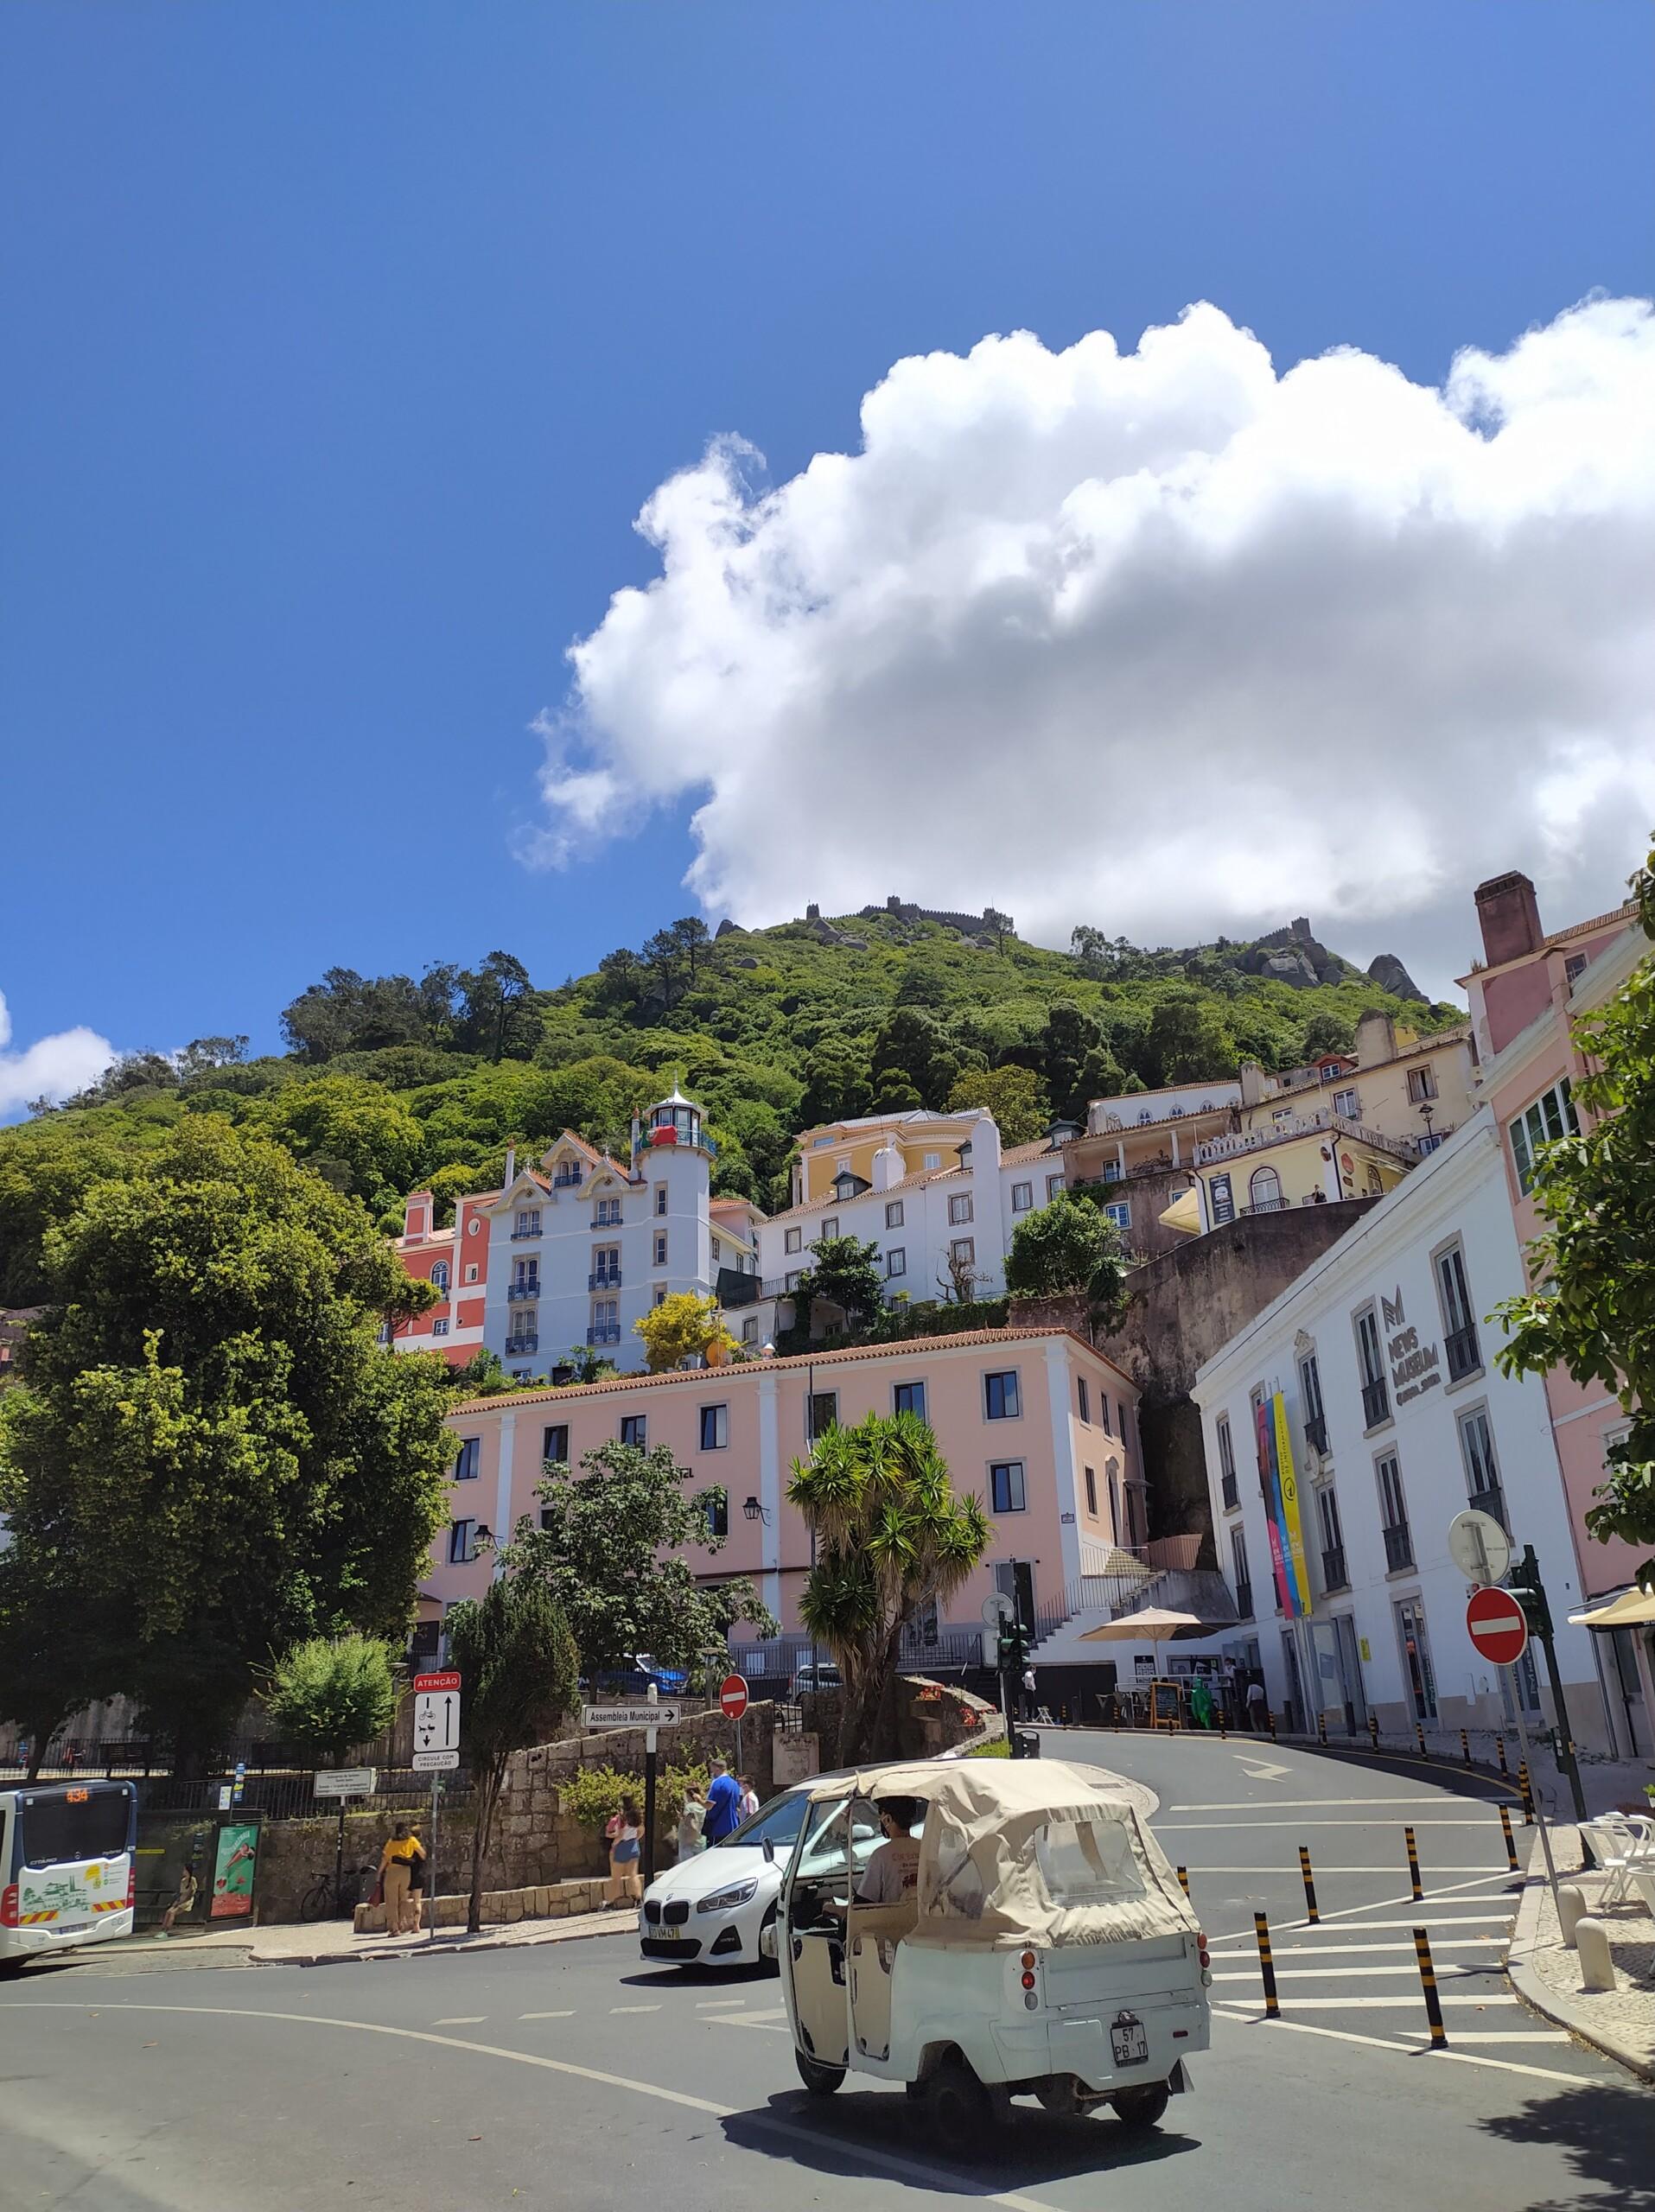 que faire au alentour de Lisbonne